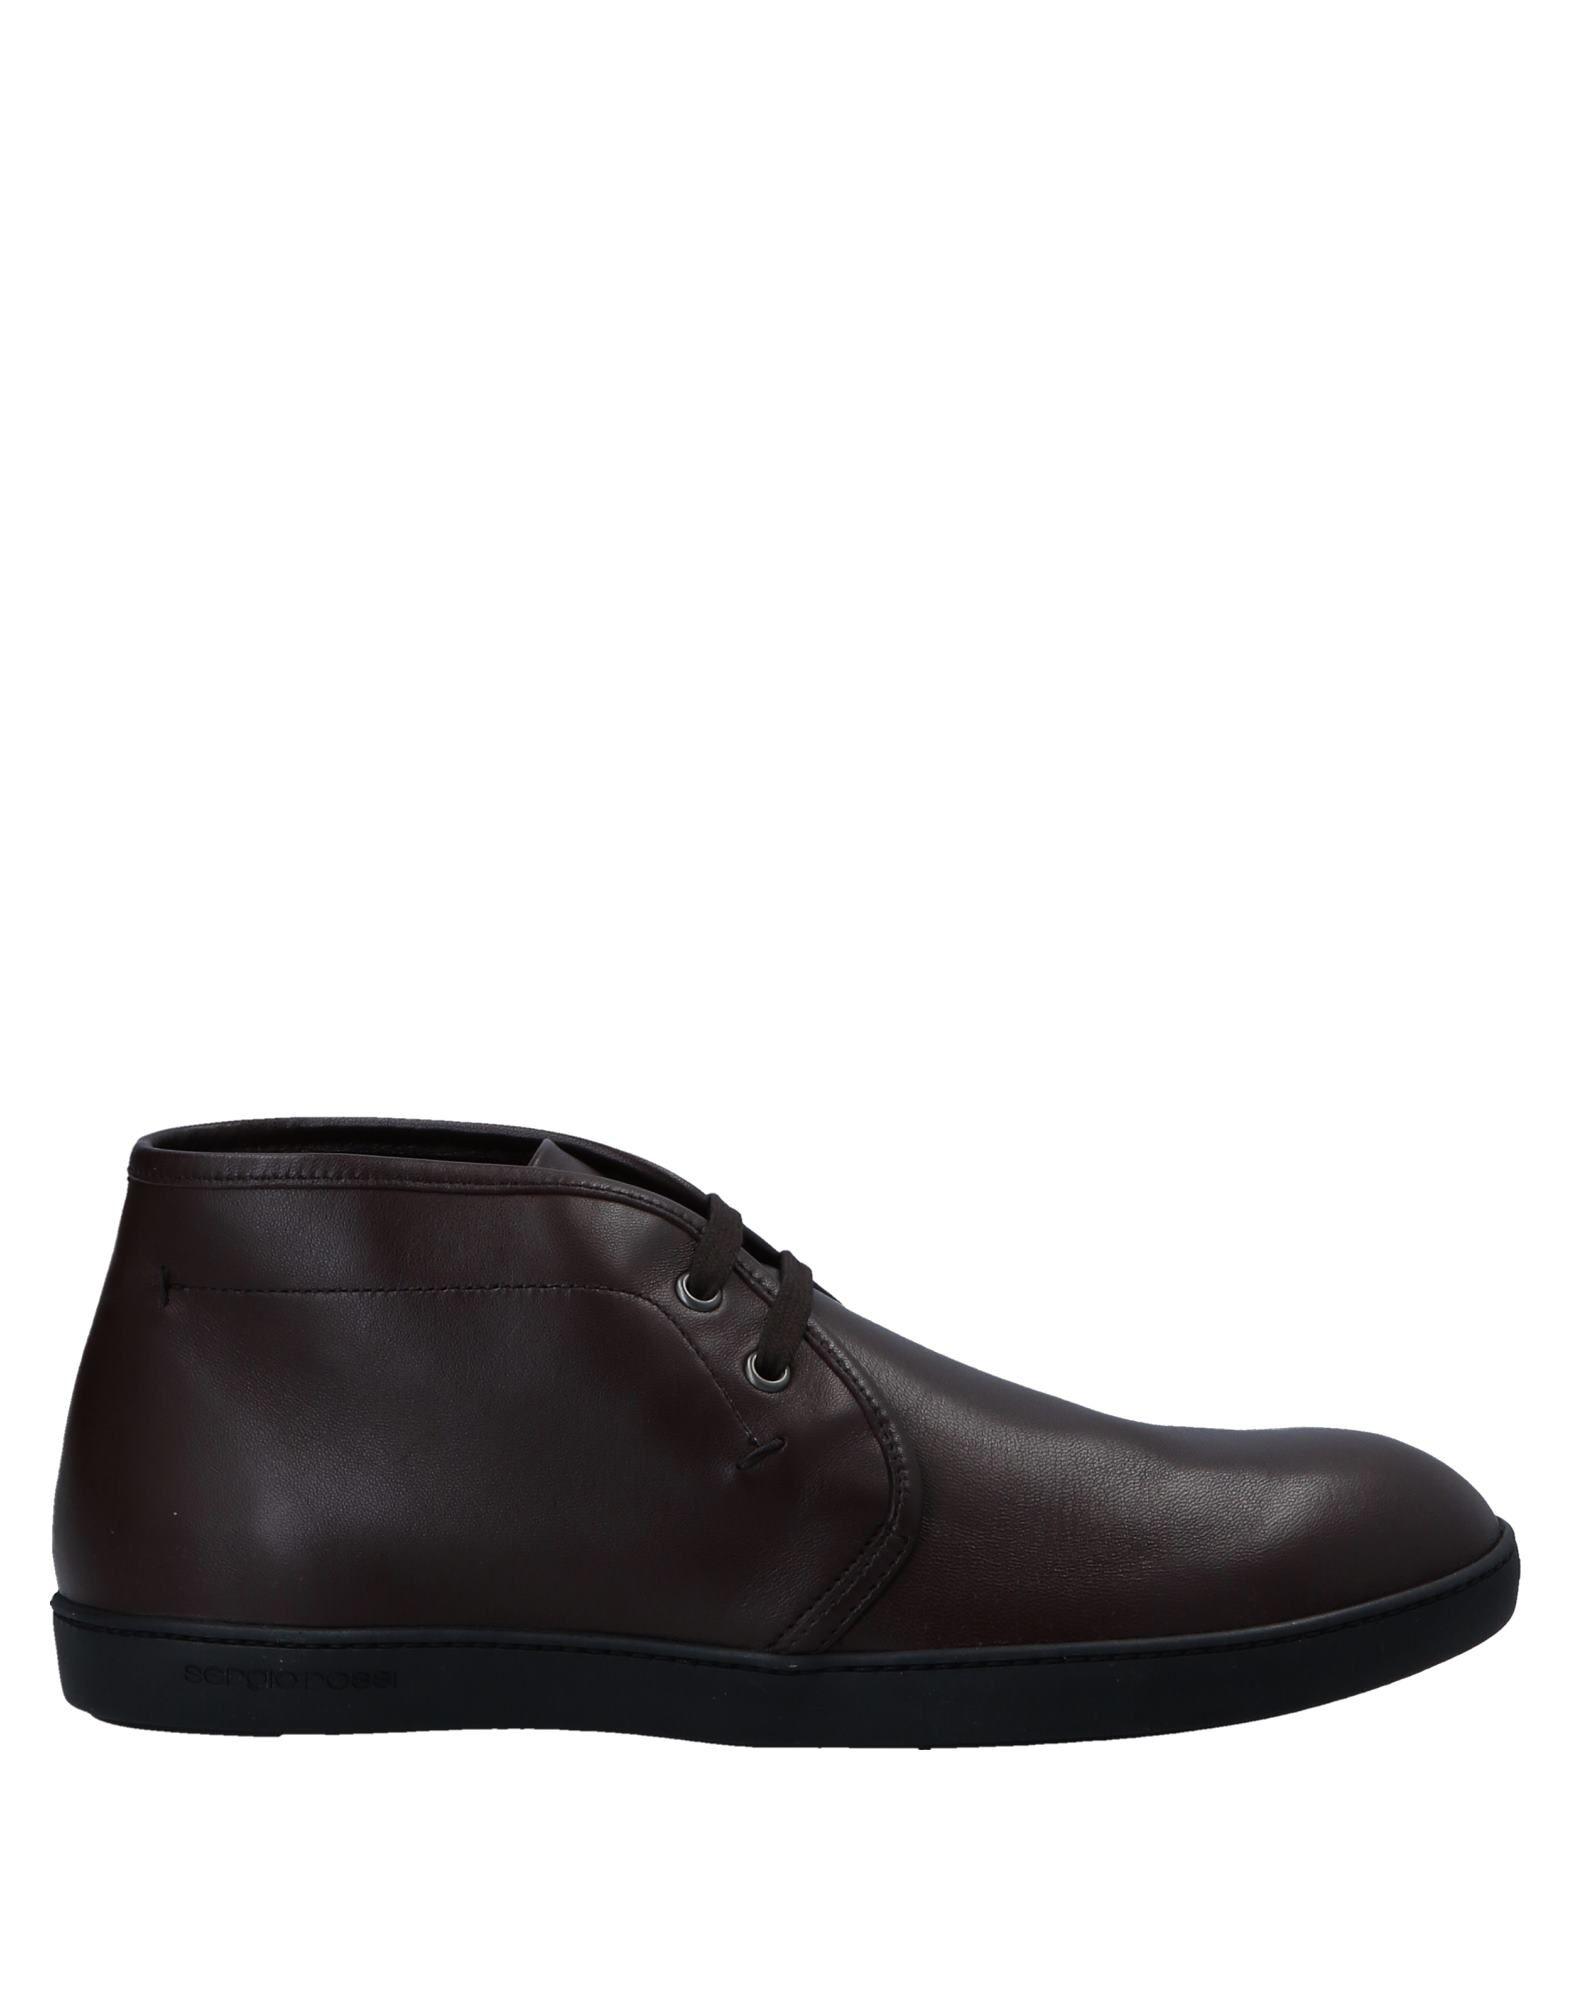 Sergio Rossi Stiefelette Herren  11547257GX Gute Qualität beliebte Schuhe